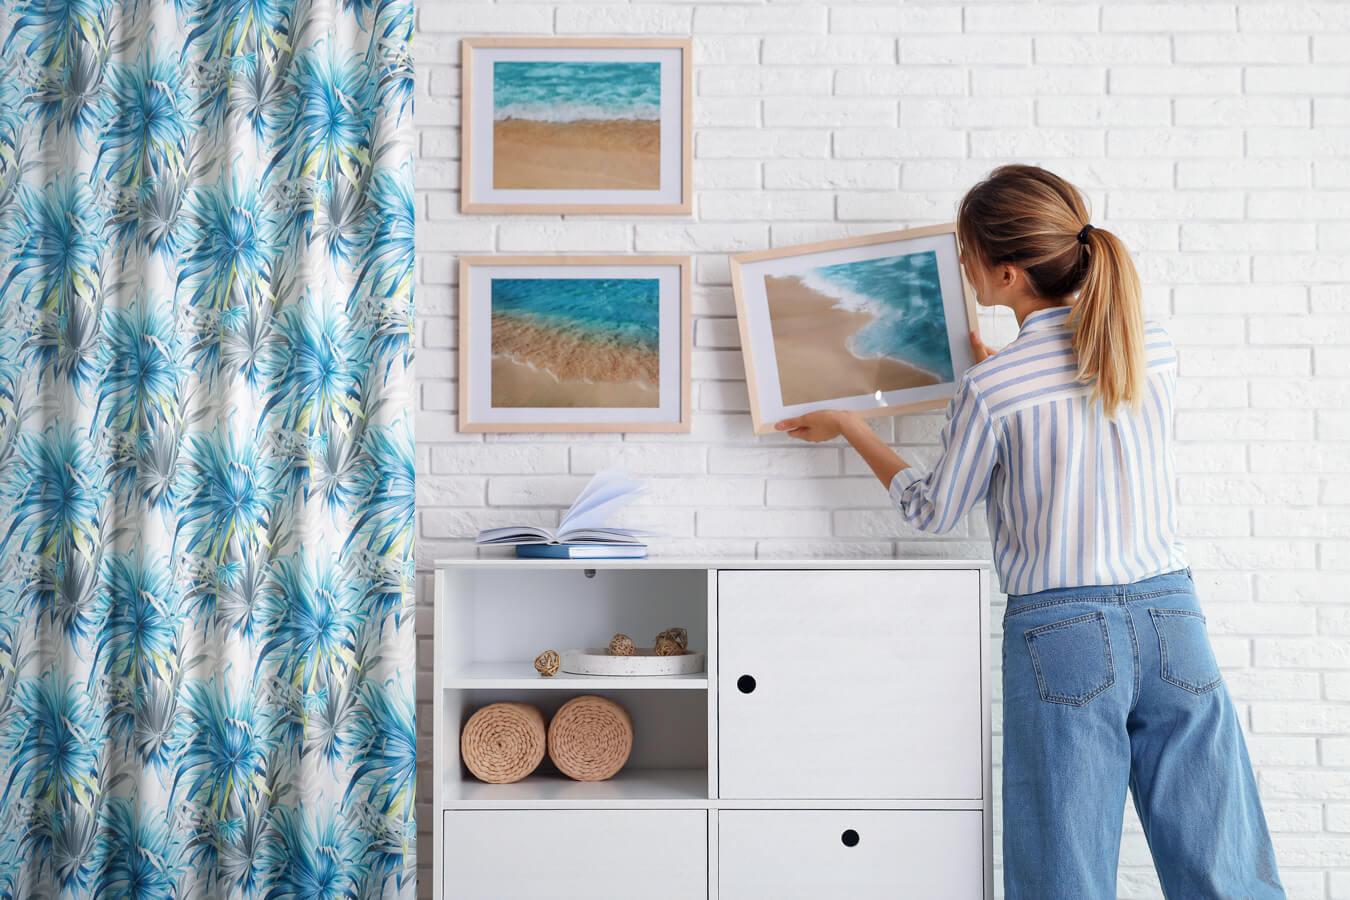 Jak zaaranżować ścianę z białej cegły w salonie?